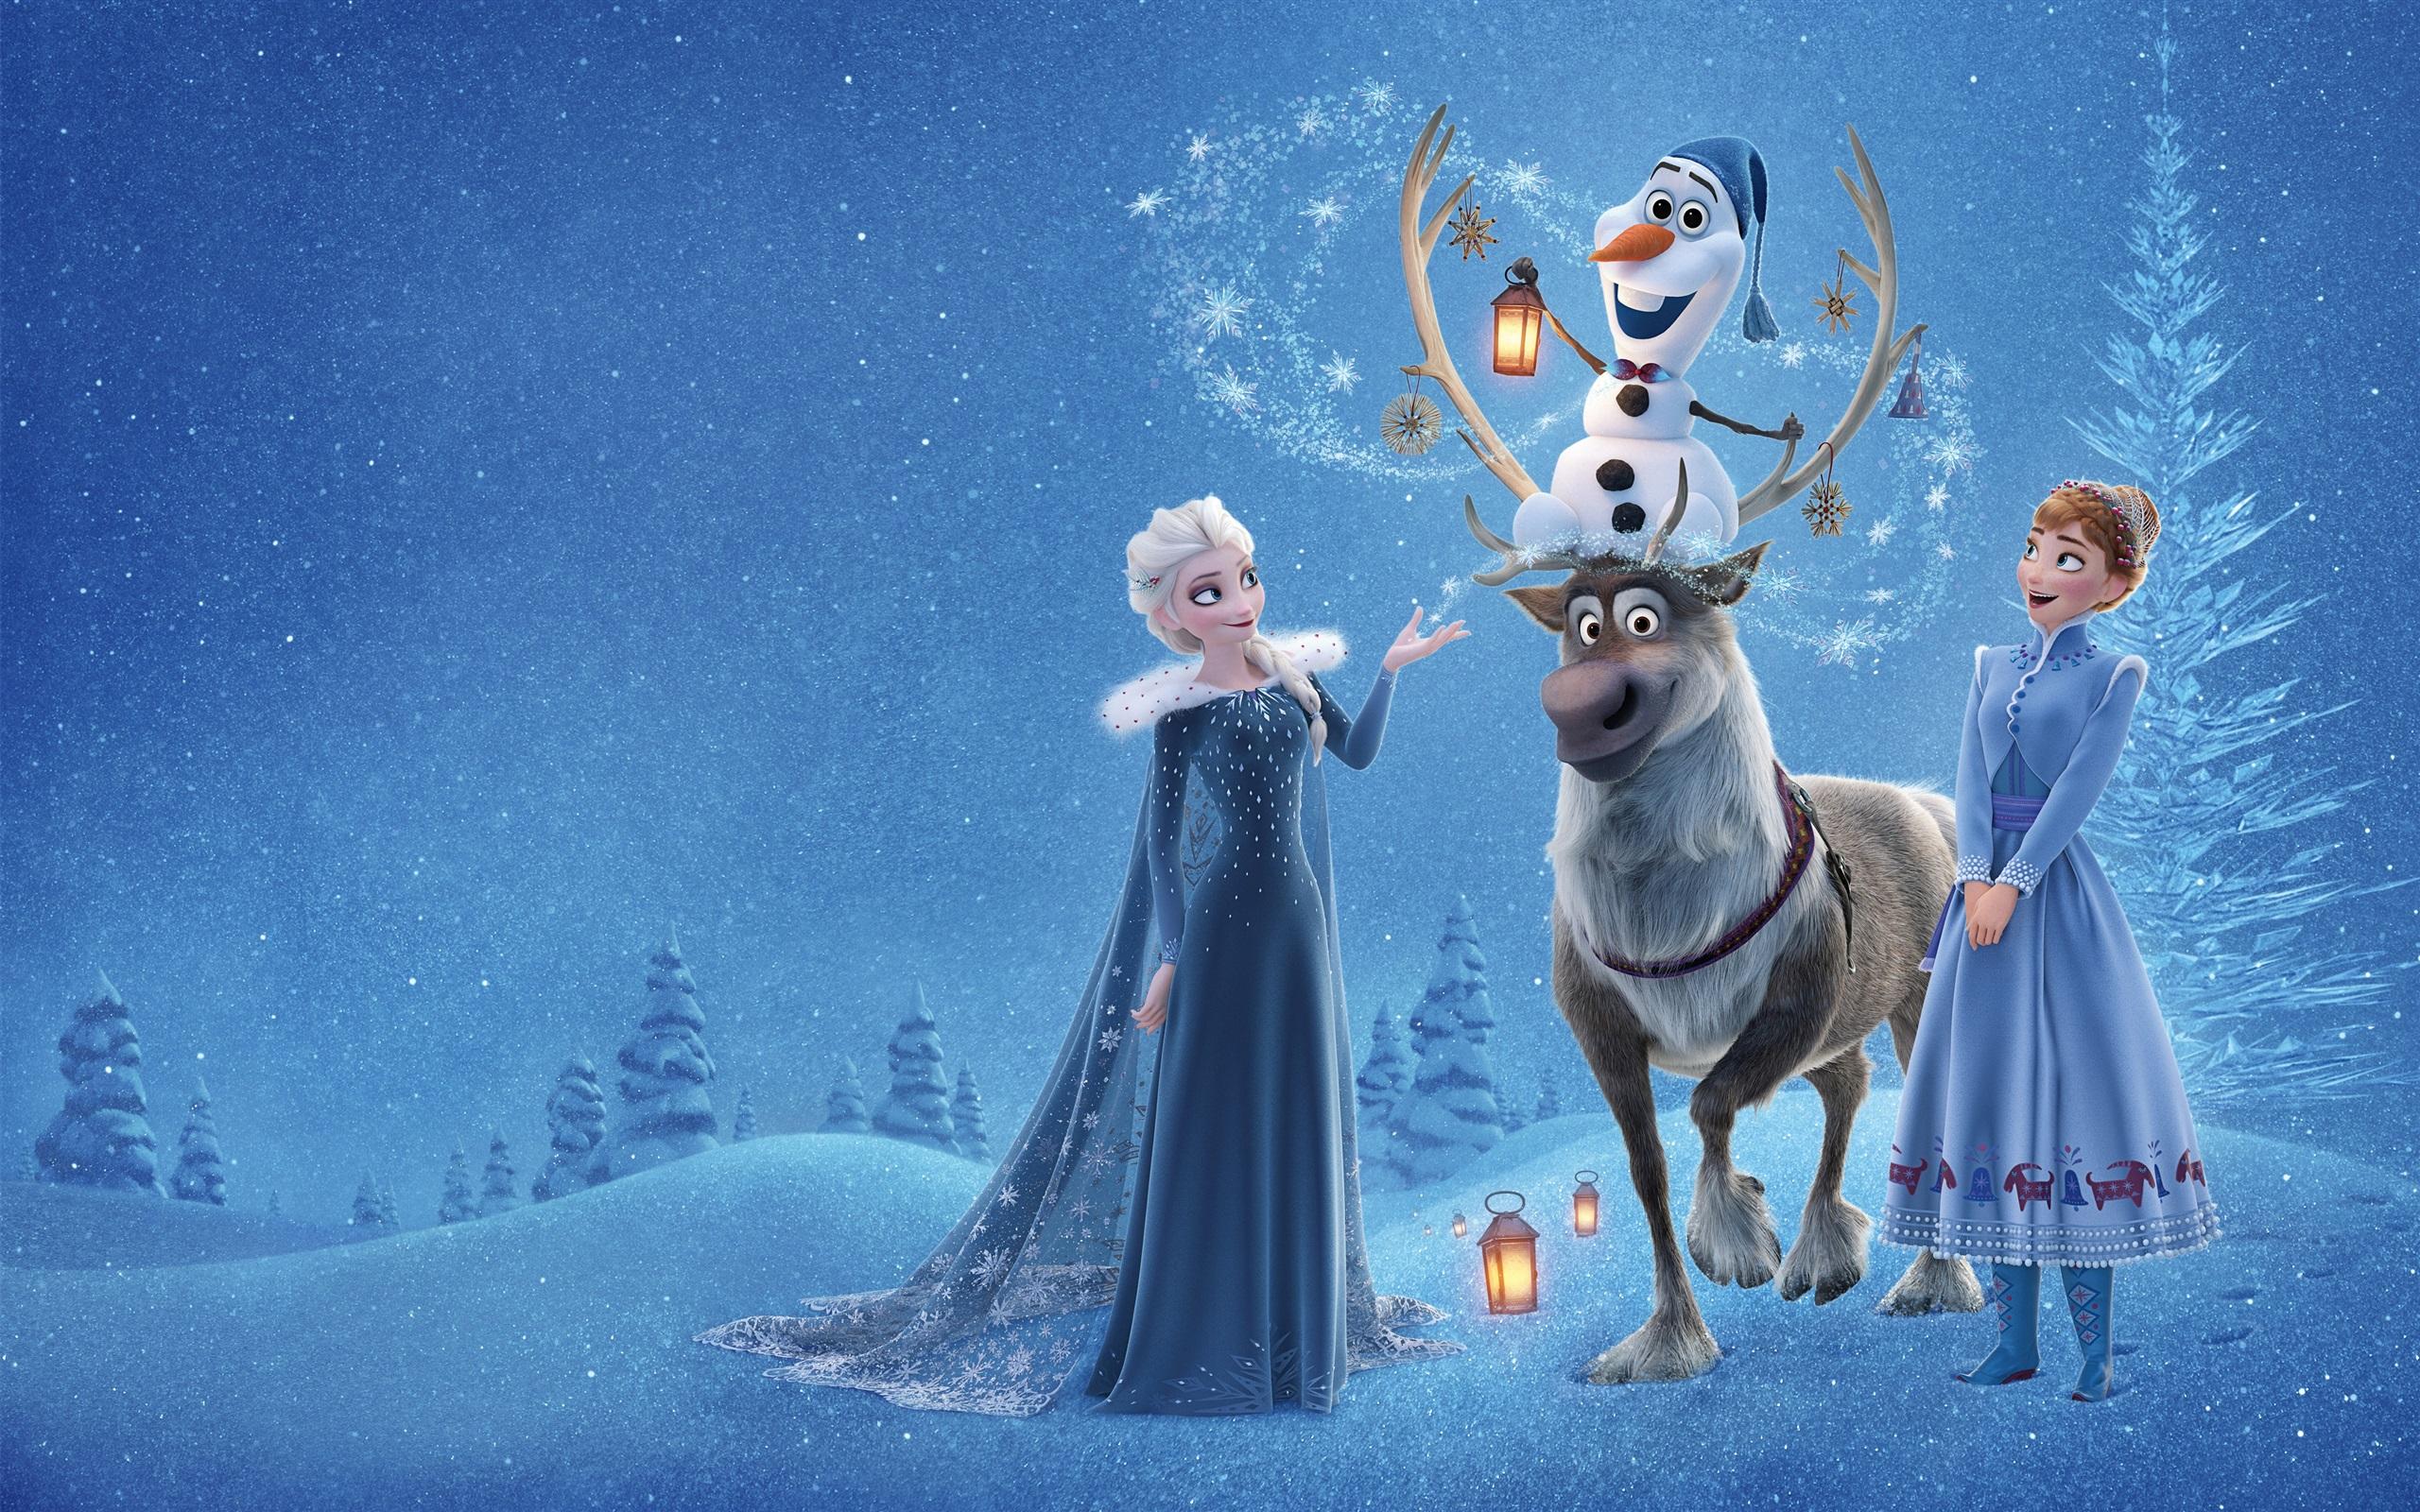 壁紙 アナと雪の女王 エルサ アンナ 鹿 雪だるま ディズニー